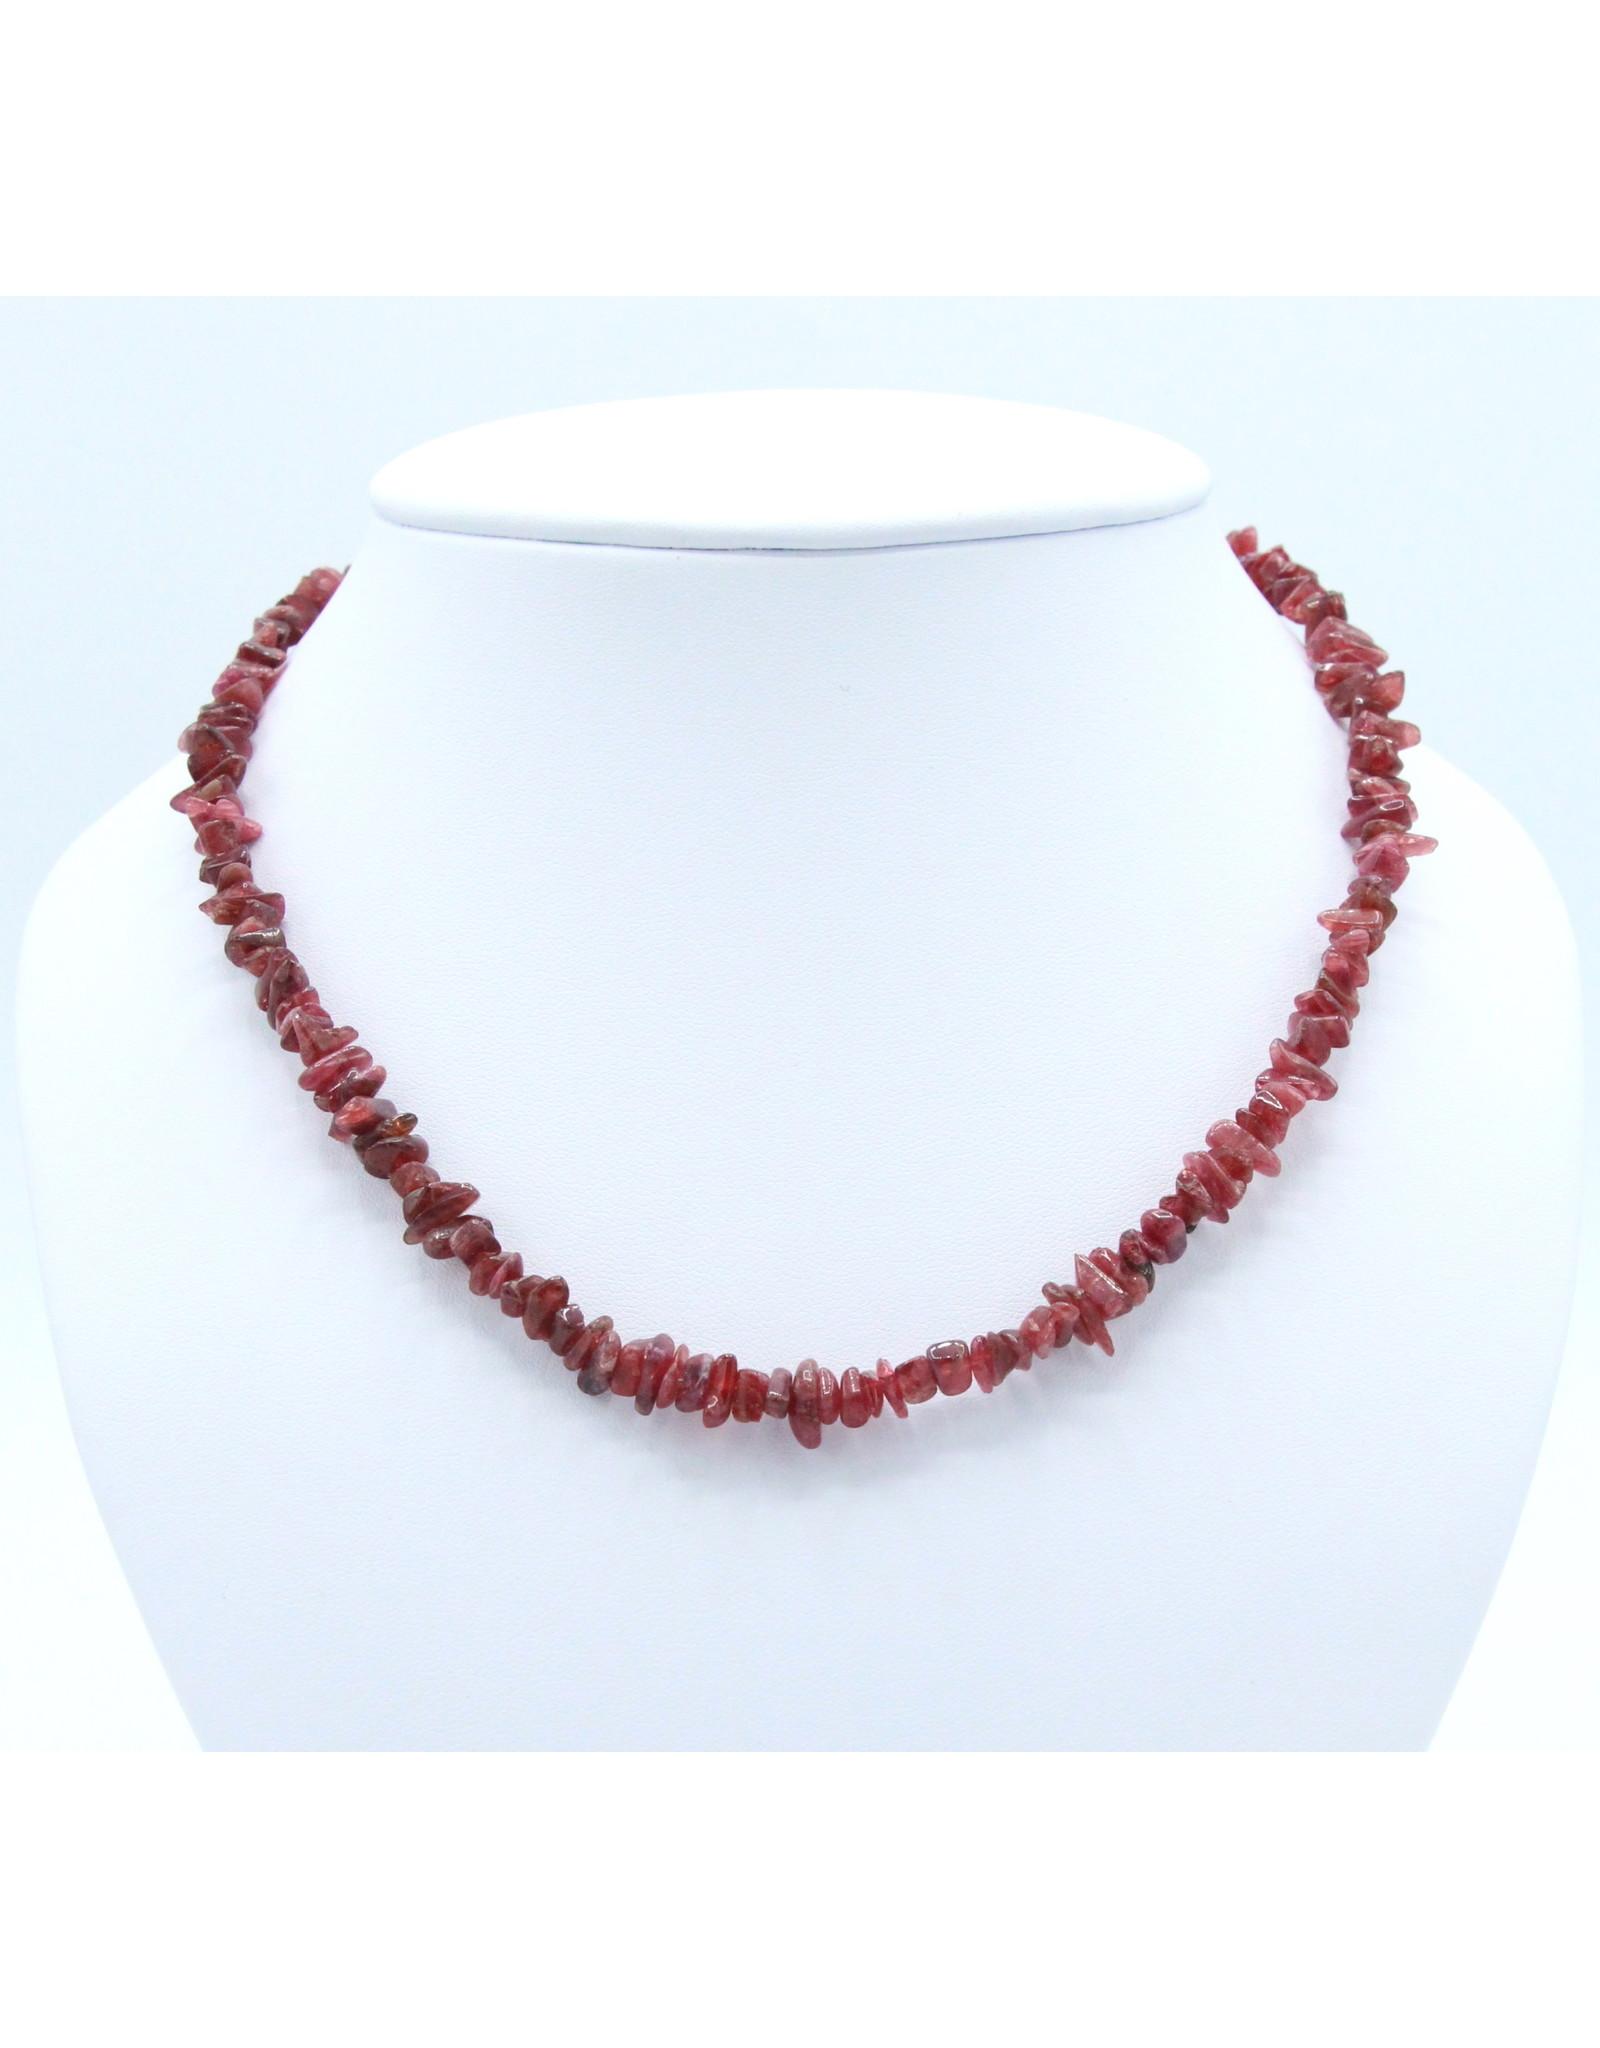 Eudialyte Necklace - NE05